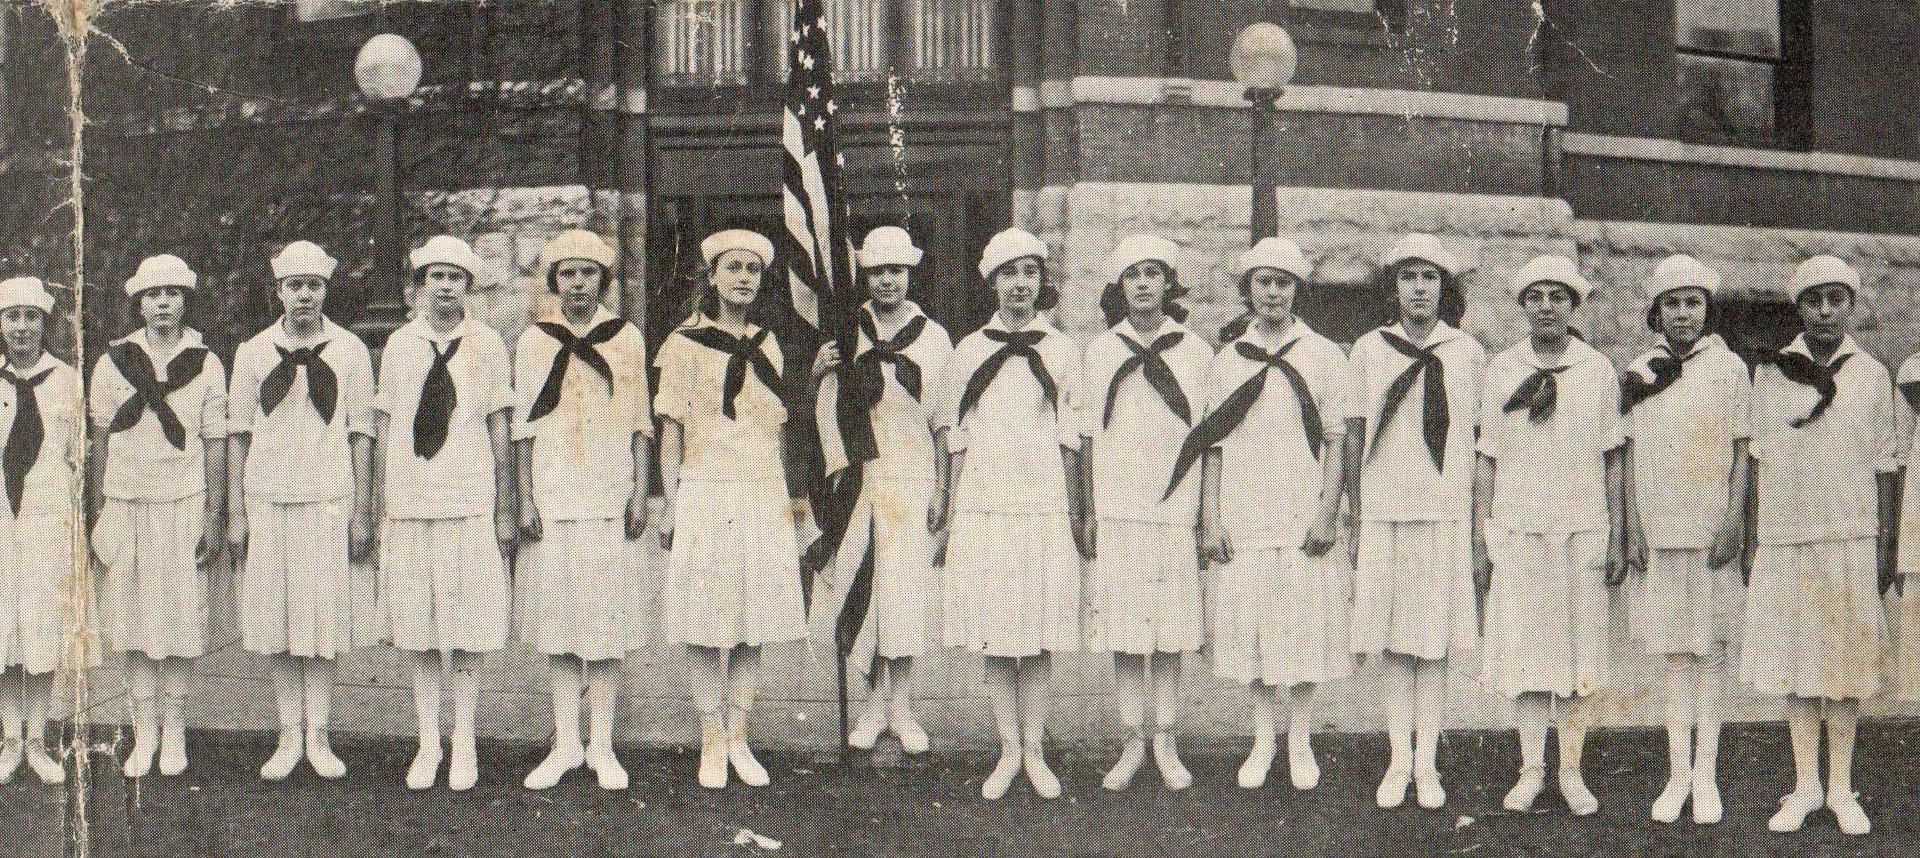 Parade_Junior_Jills_1919-2-copy.jpg